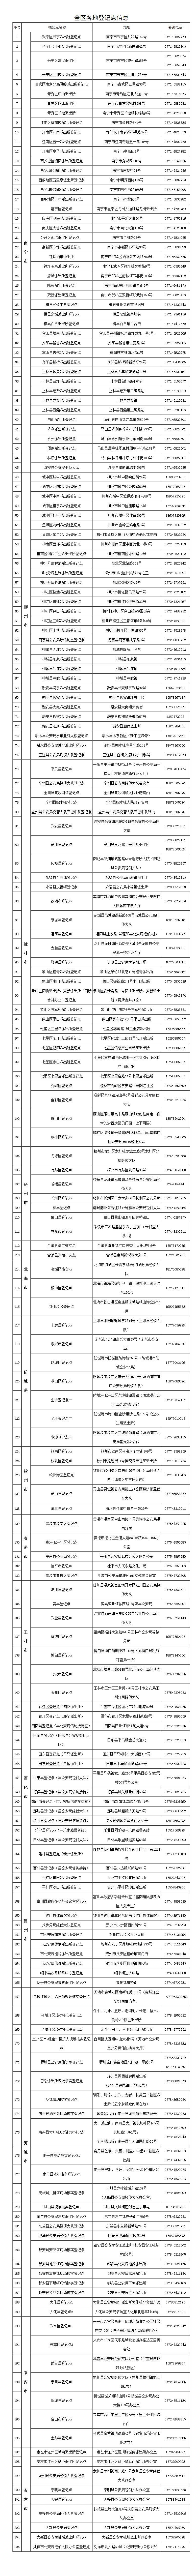 广西全区各地登记点信息.jpg